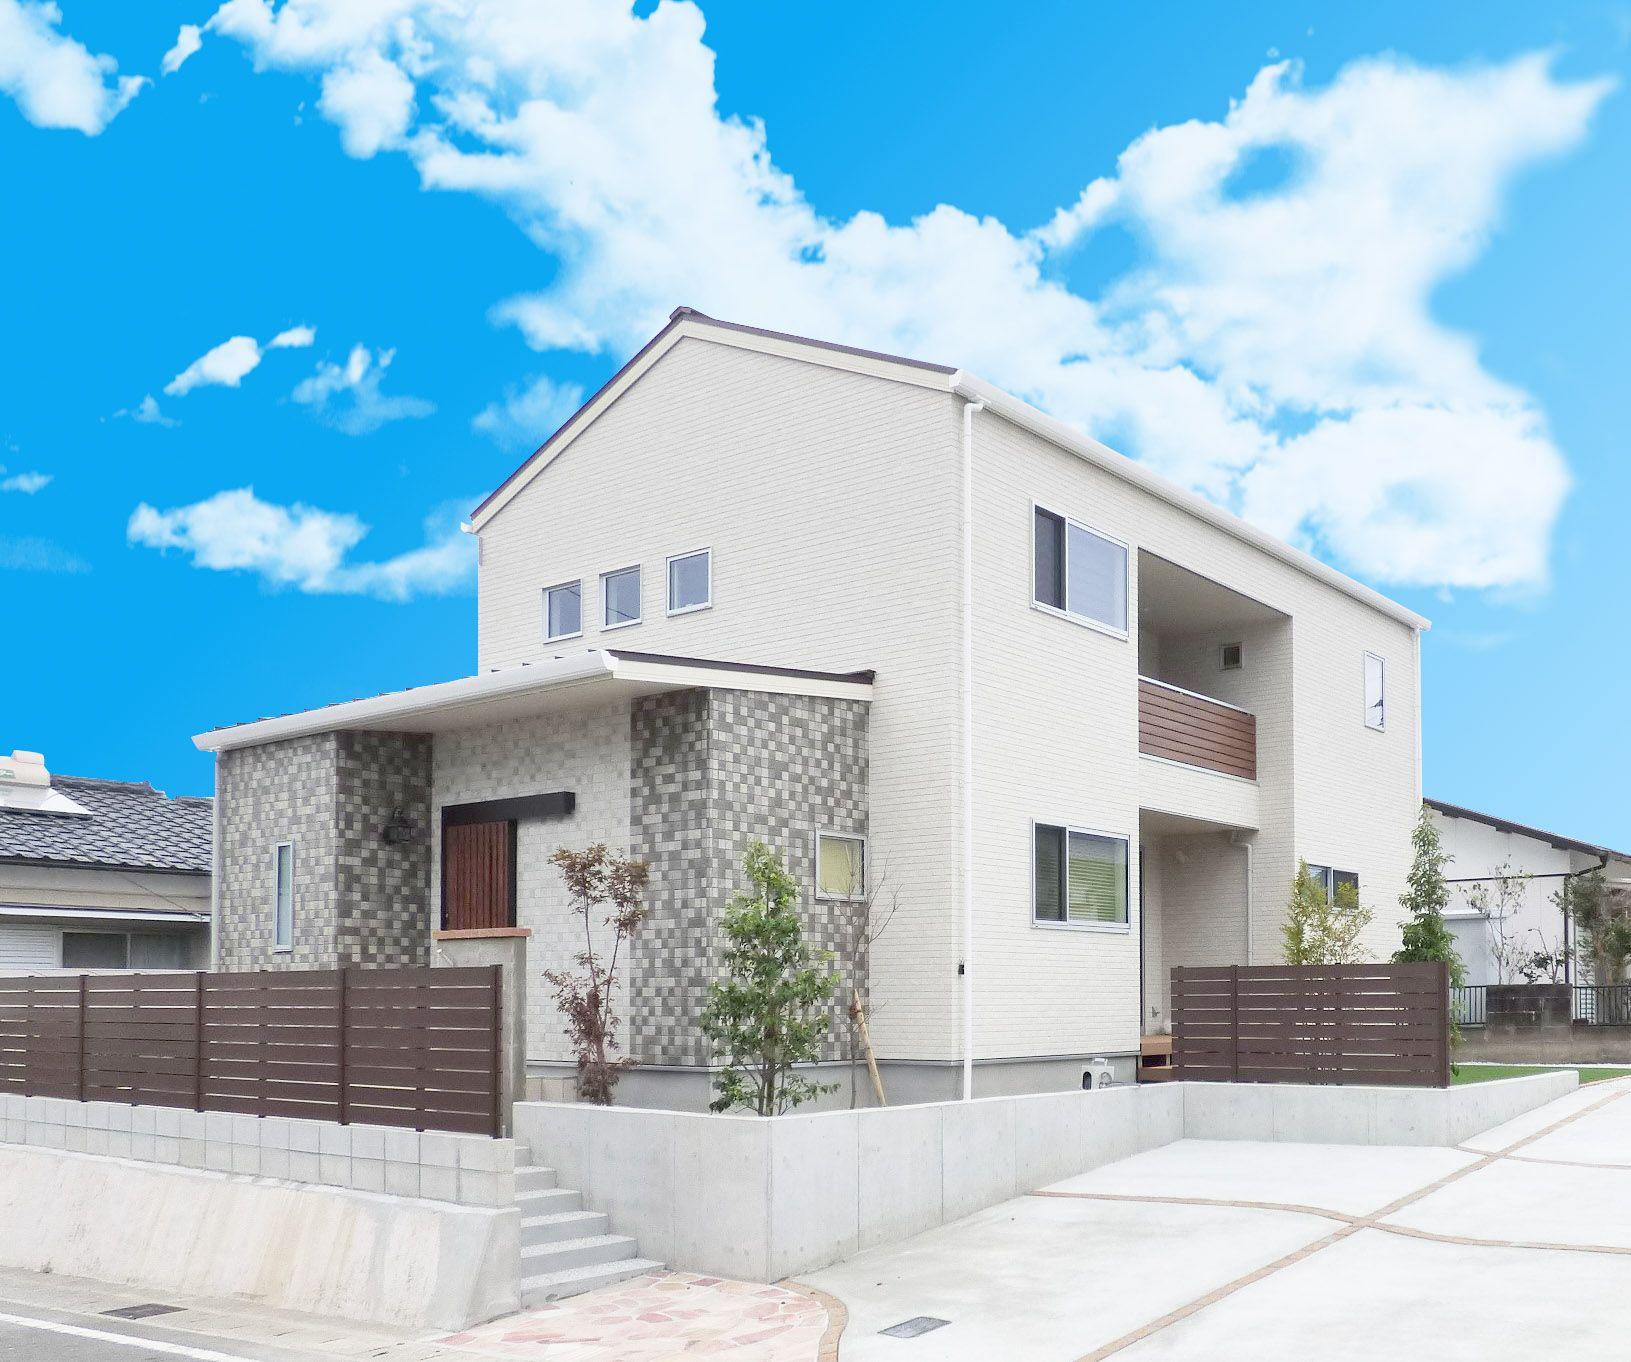 木のぬくもりと空気が心地良い36坪の2階建て ホームウェア